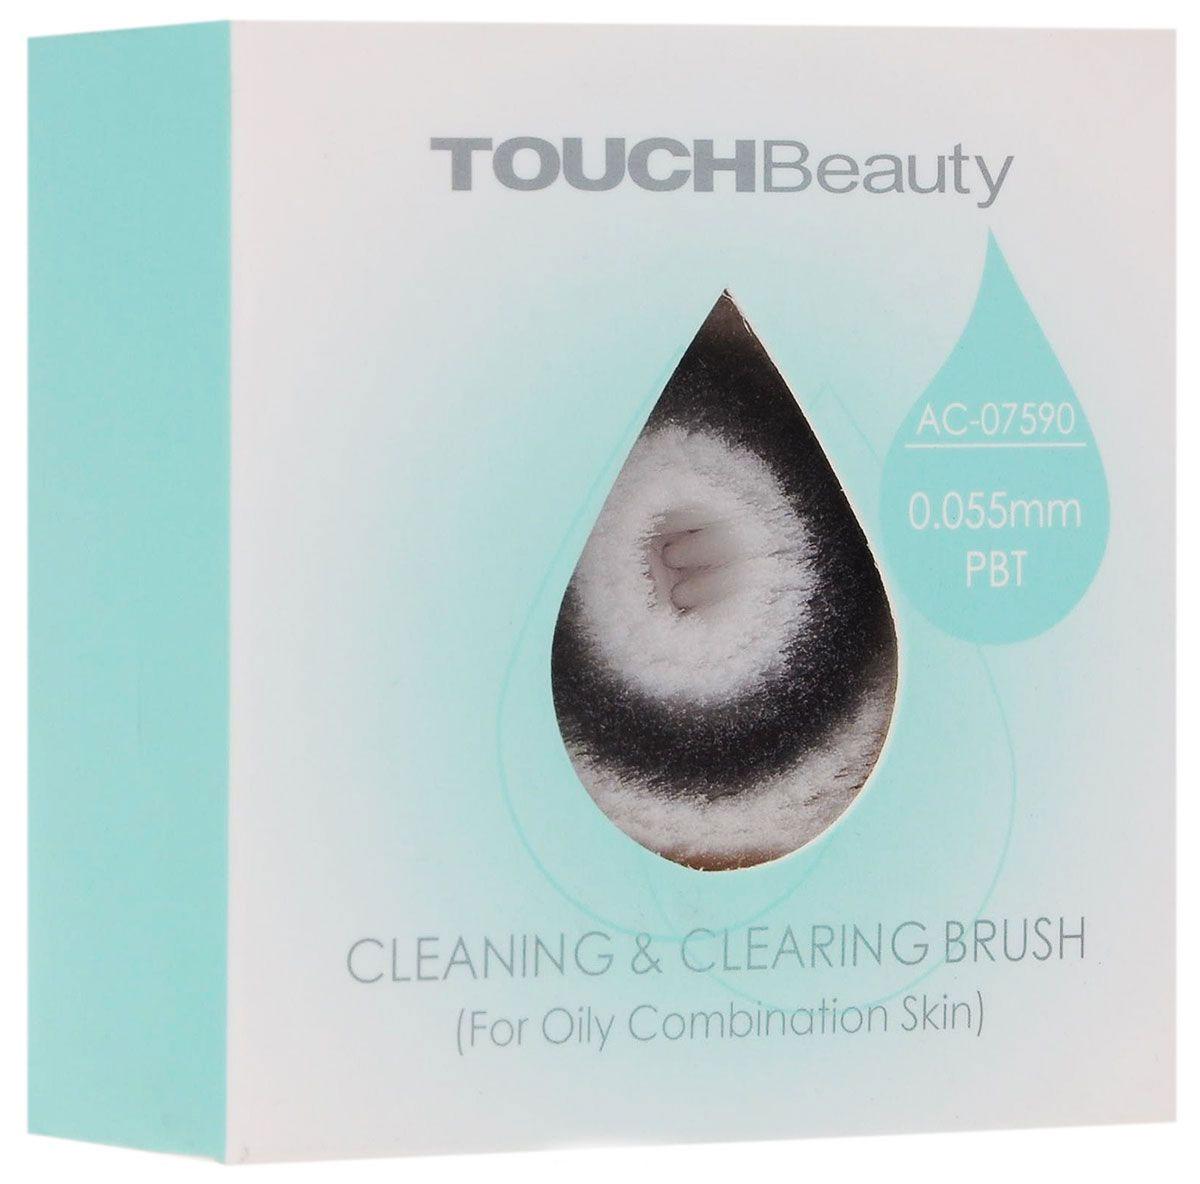 Touchbeauty Запасная щетка к приборам для очищения кожи при умывании AC-07591AC-07591Супер-мягкая щеточка для деликатного очищения кожи при умывании Touchbeauty AC-07591 предназначена для использования с моющими средствами или со средствами для снятия макияжа. Подходит к приборам серий AS-0759.